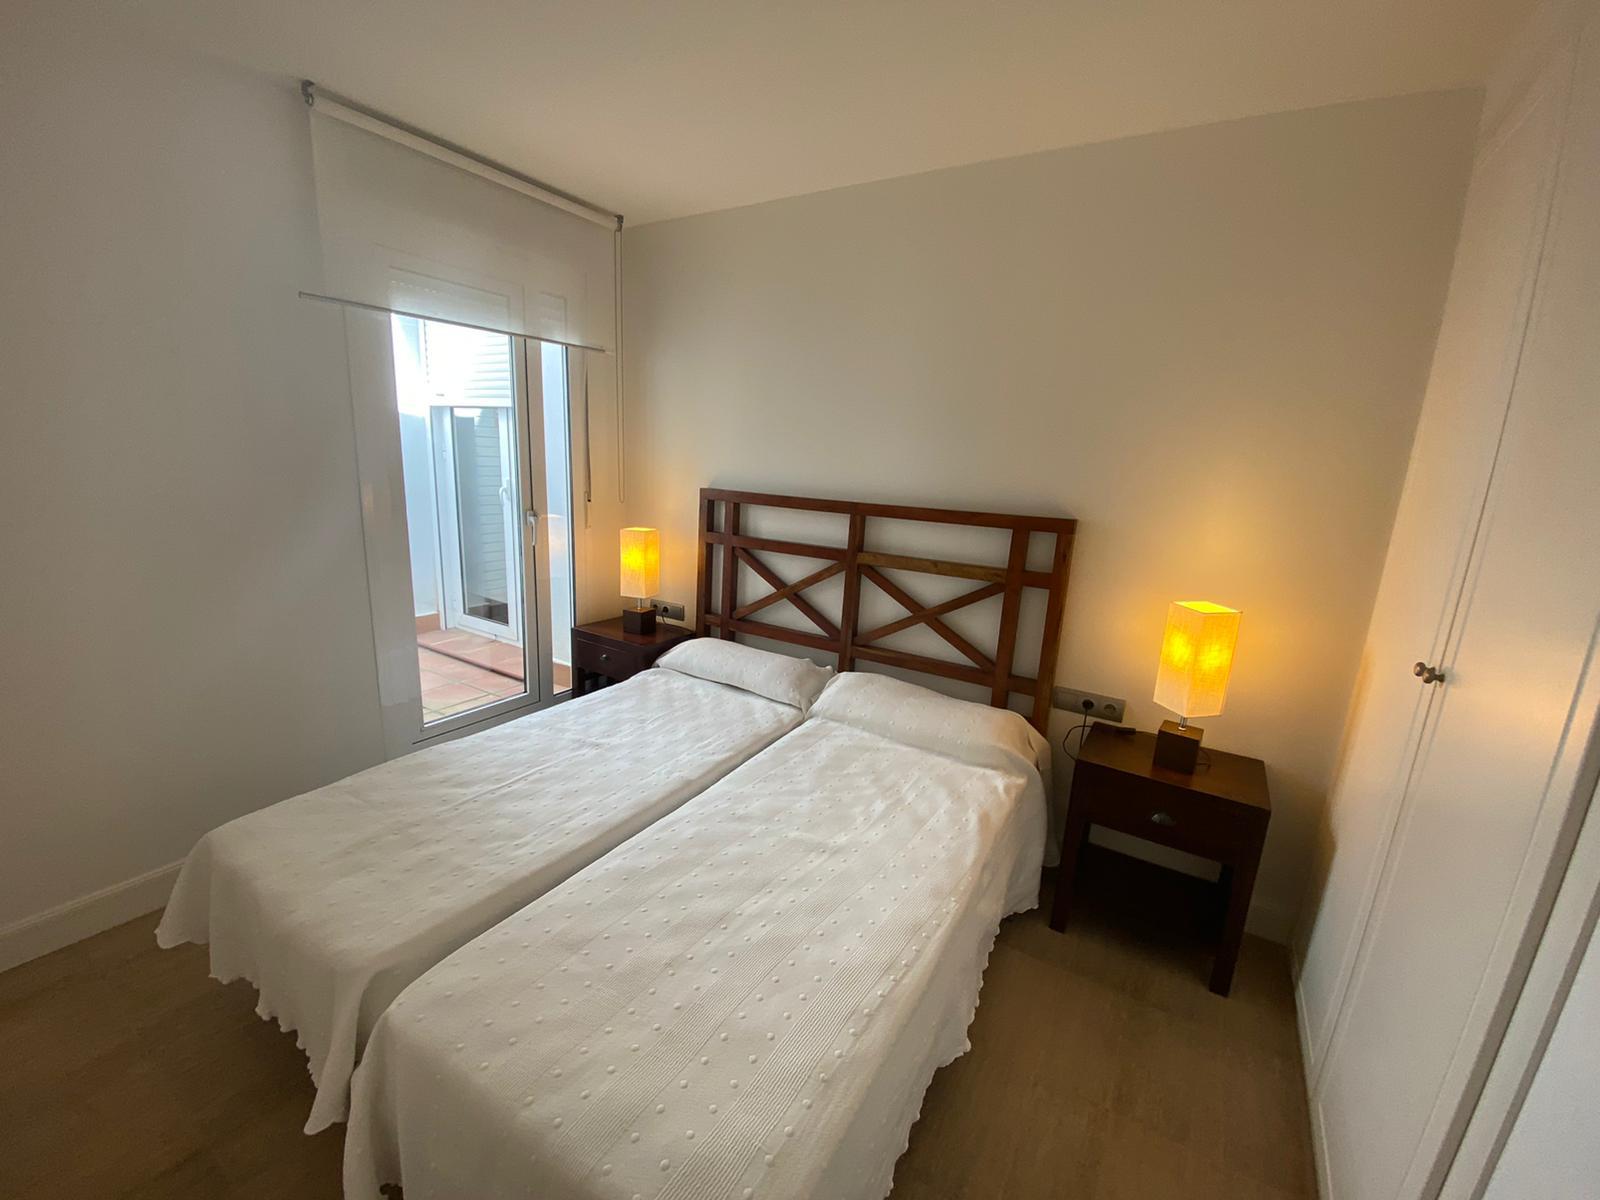 Imagen 17 del Apartamento Turístico, Ático 1 Central (3d+2b), Punta del Moral (HUELVA), Paseo de la Cruz nº22